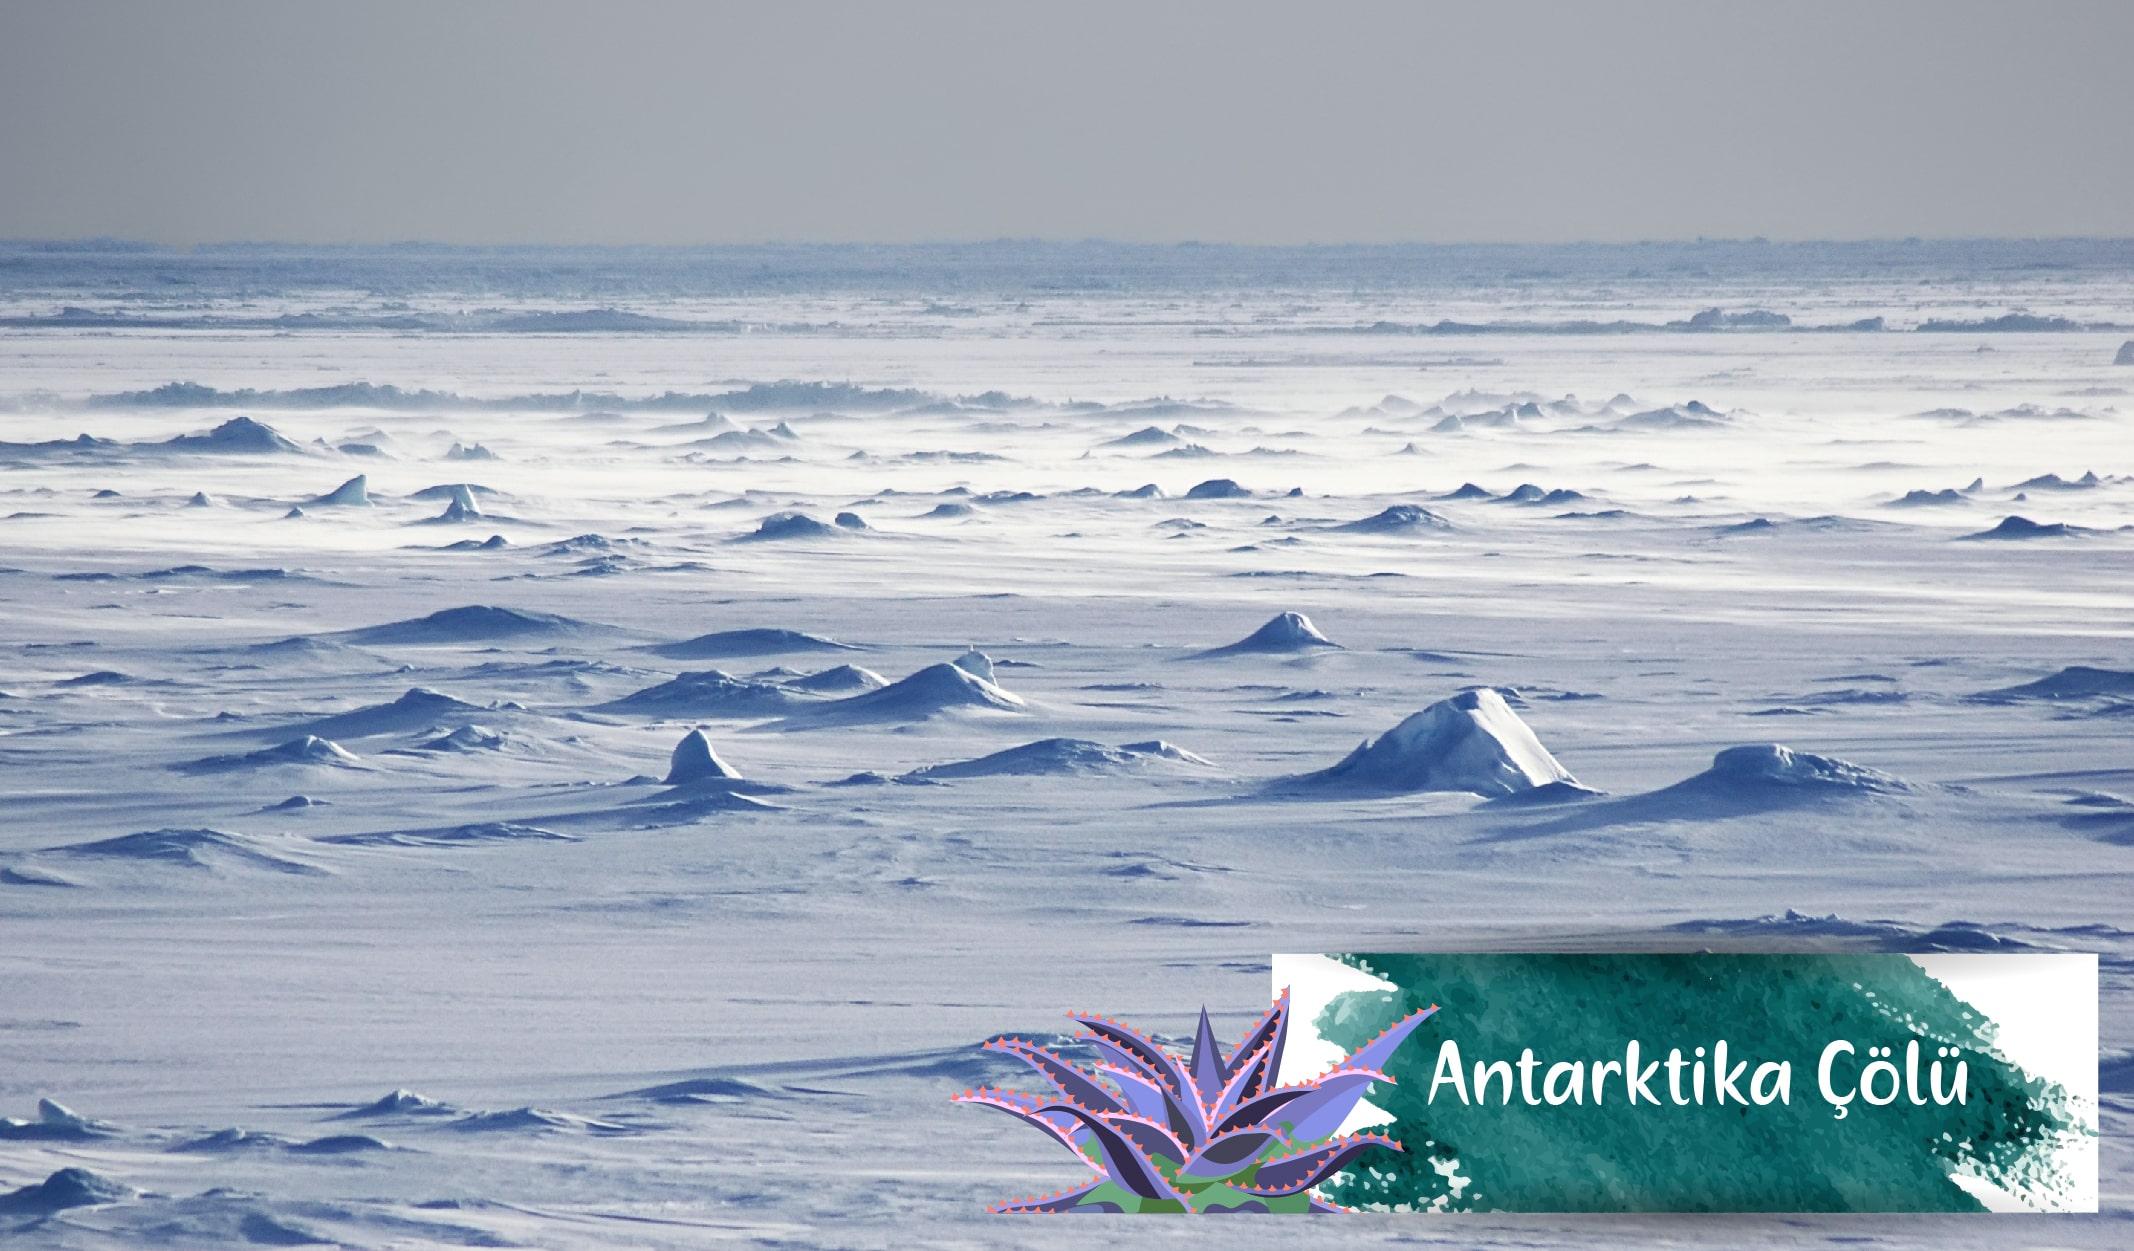 en büyük çöller, antarktika